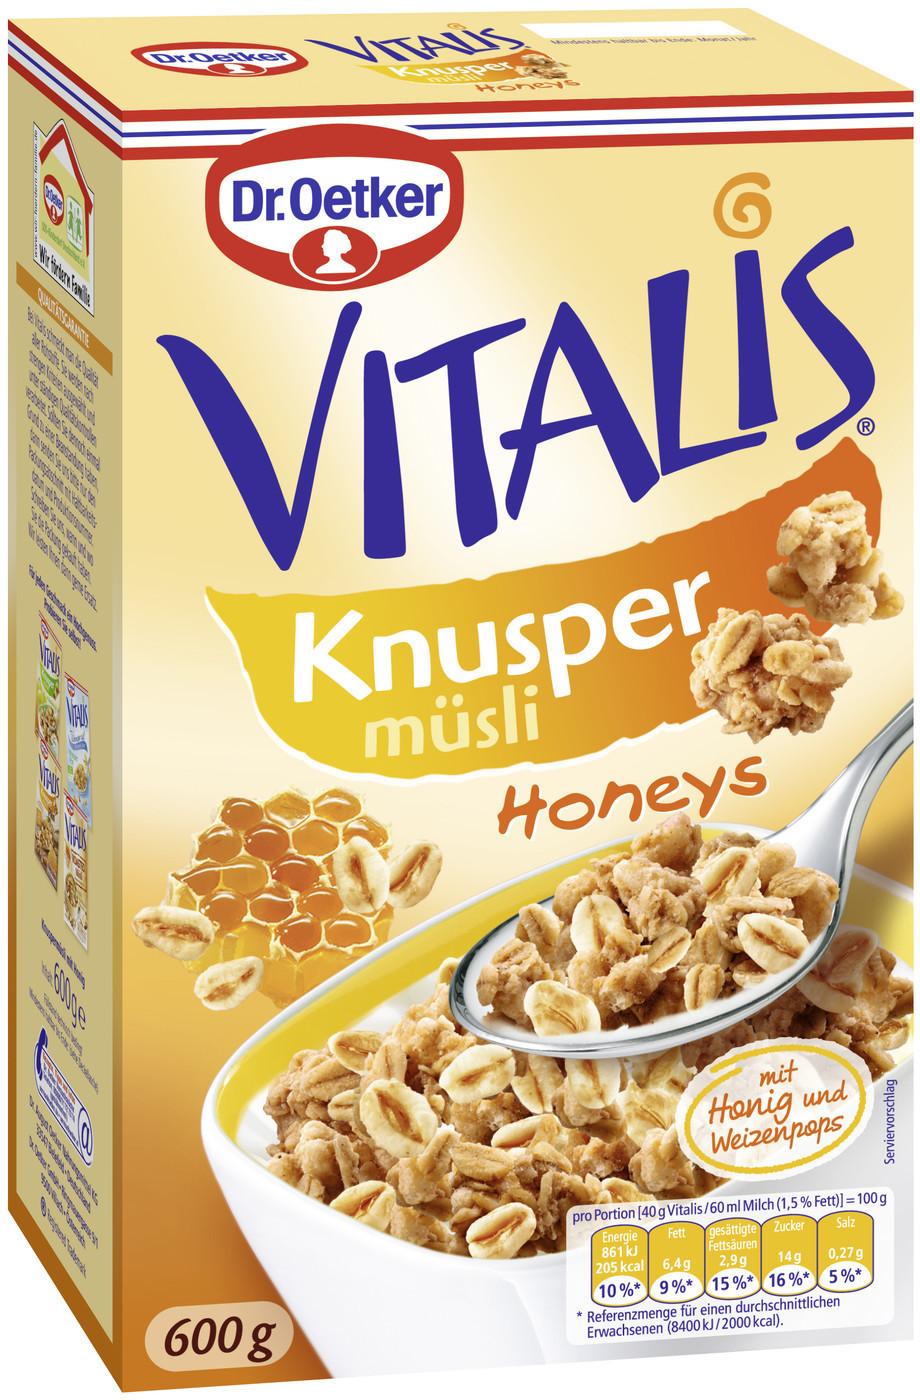 Dr. Oetker Vitalis Knusper Honeys (600 g)